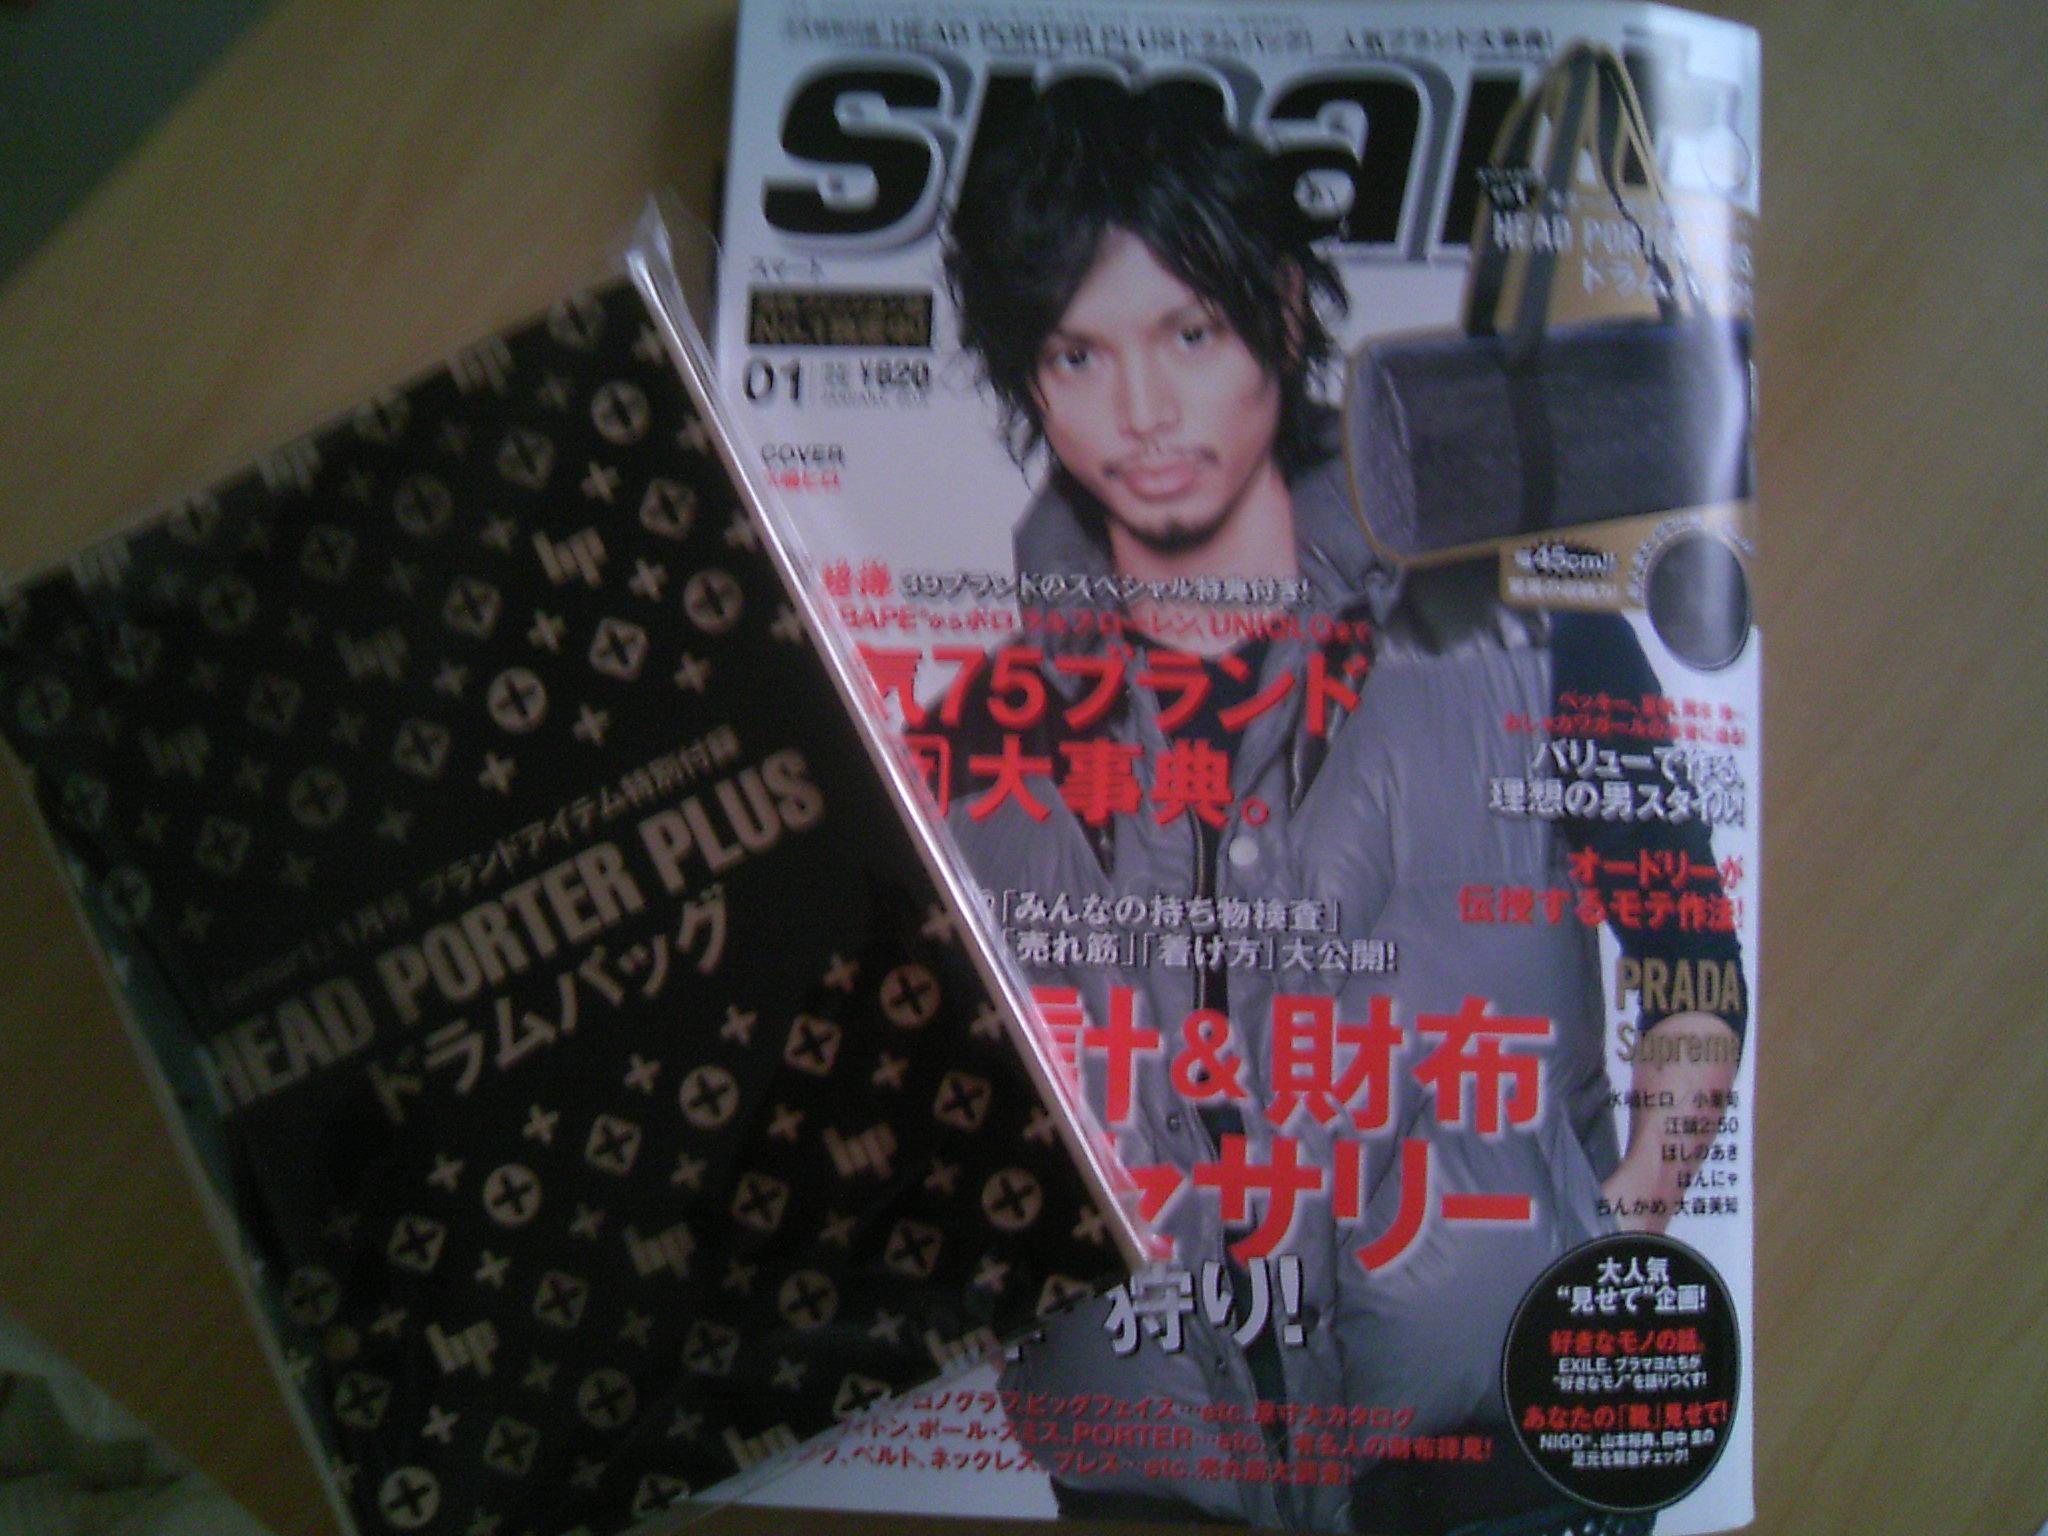 メンズファッション雑誌、「smart」の1月号を購入しました。 夫が、この雑誌についてくる、付録の「ドラムバッグ」がほしい! と言うので、買うことになりました。